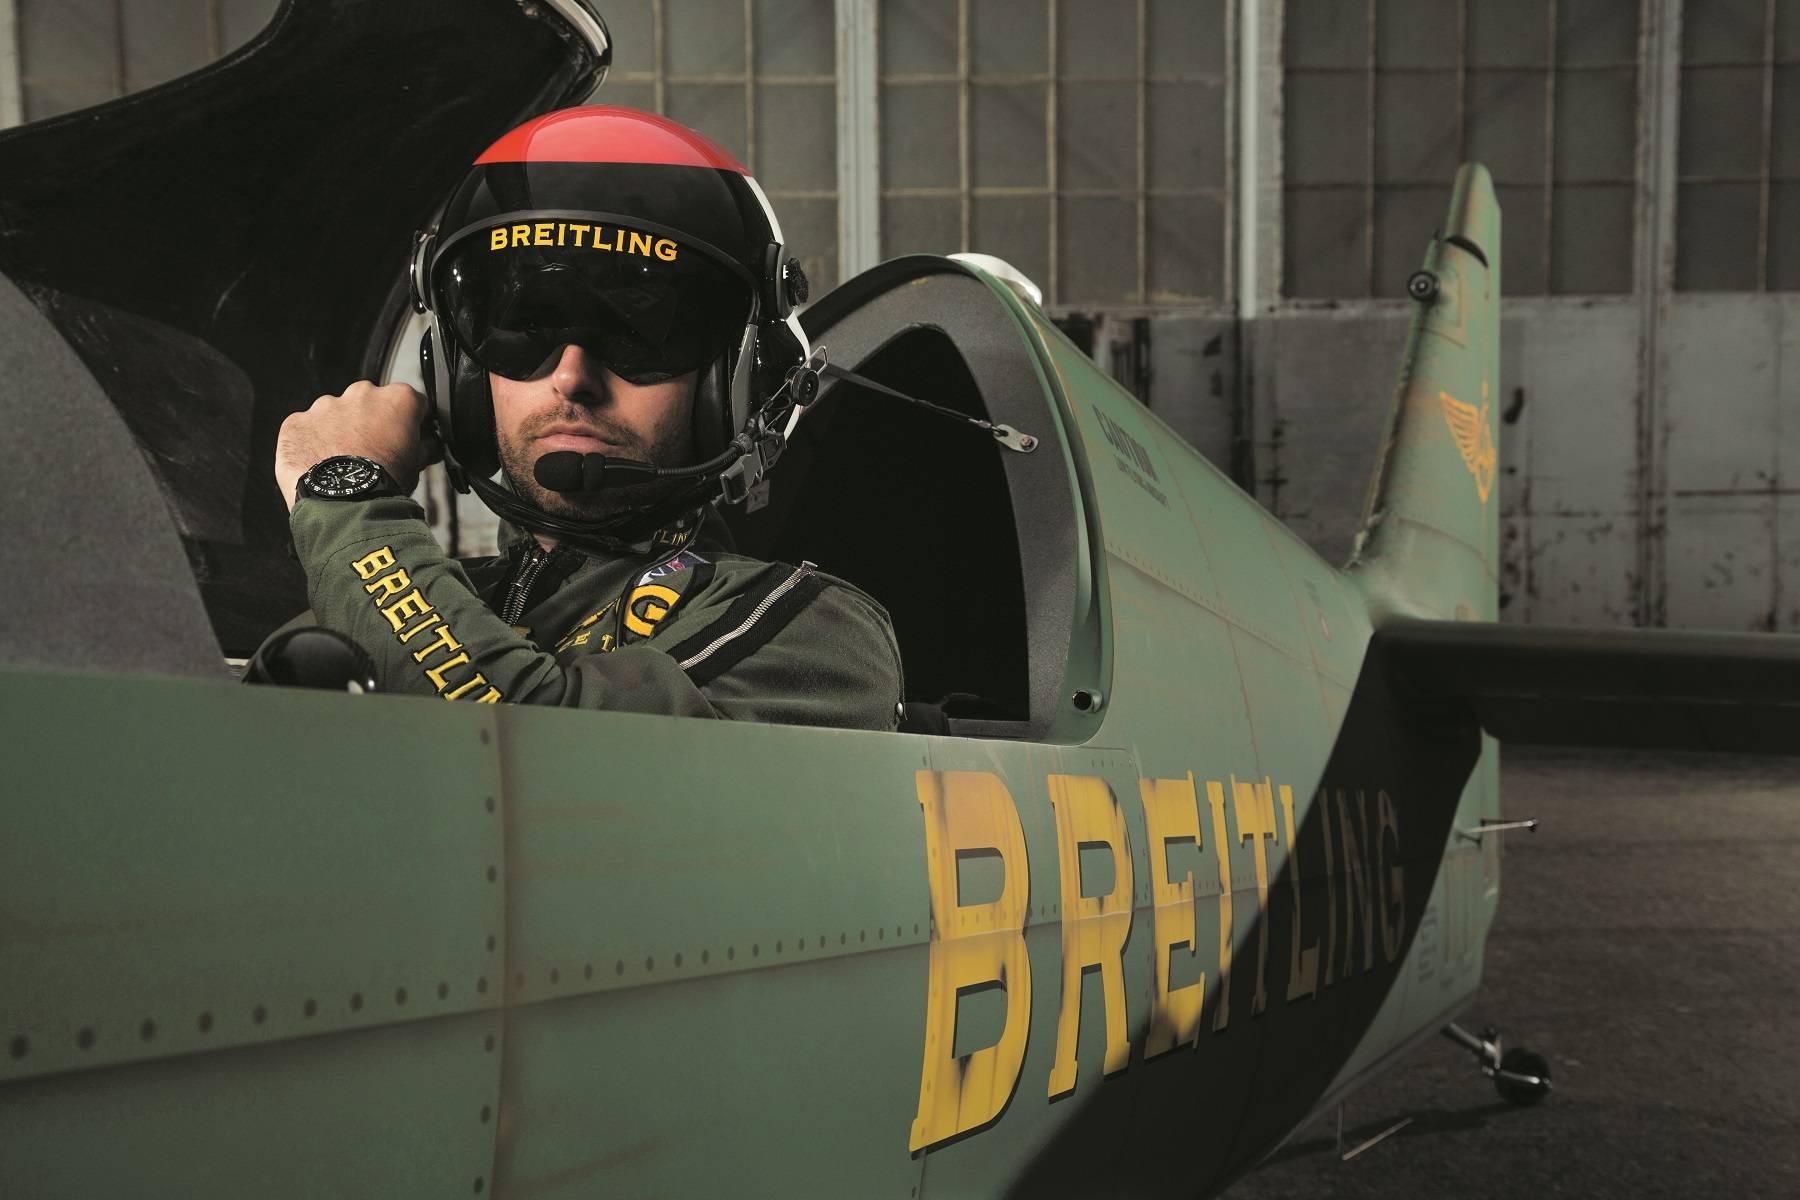 Breitling Sky Racer and Pilot